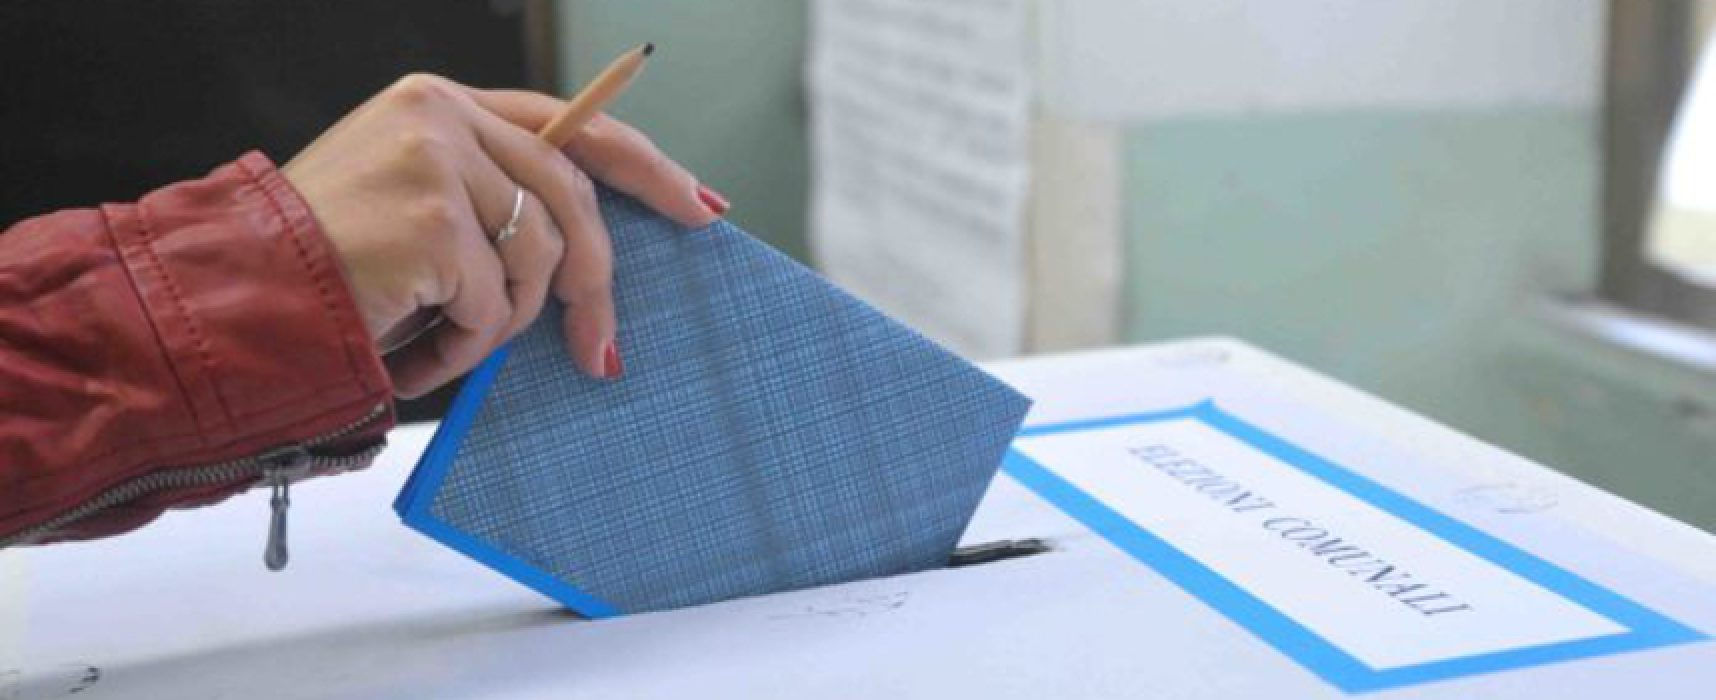 Ballottaggio elezioni comunali 2018, affluenza alle urne ore 23